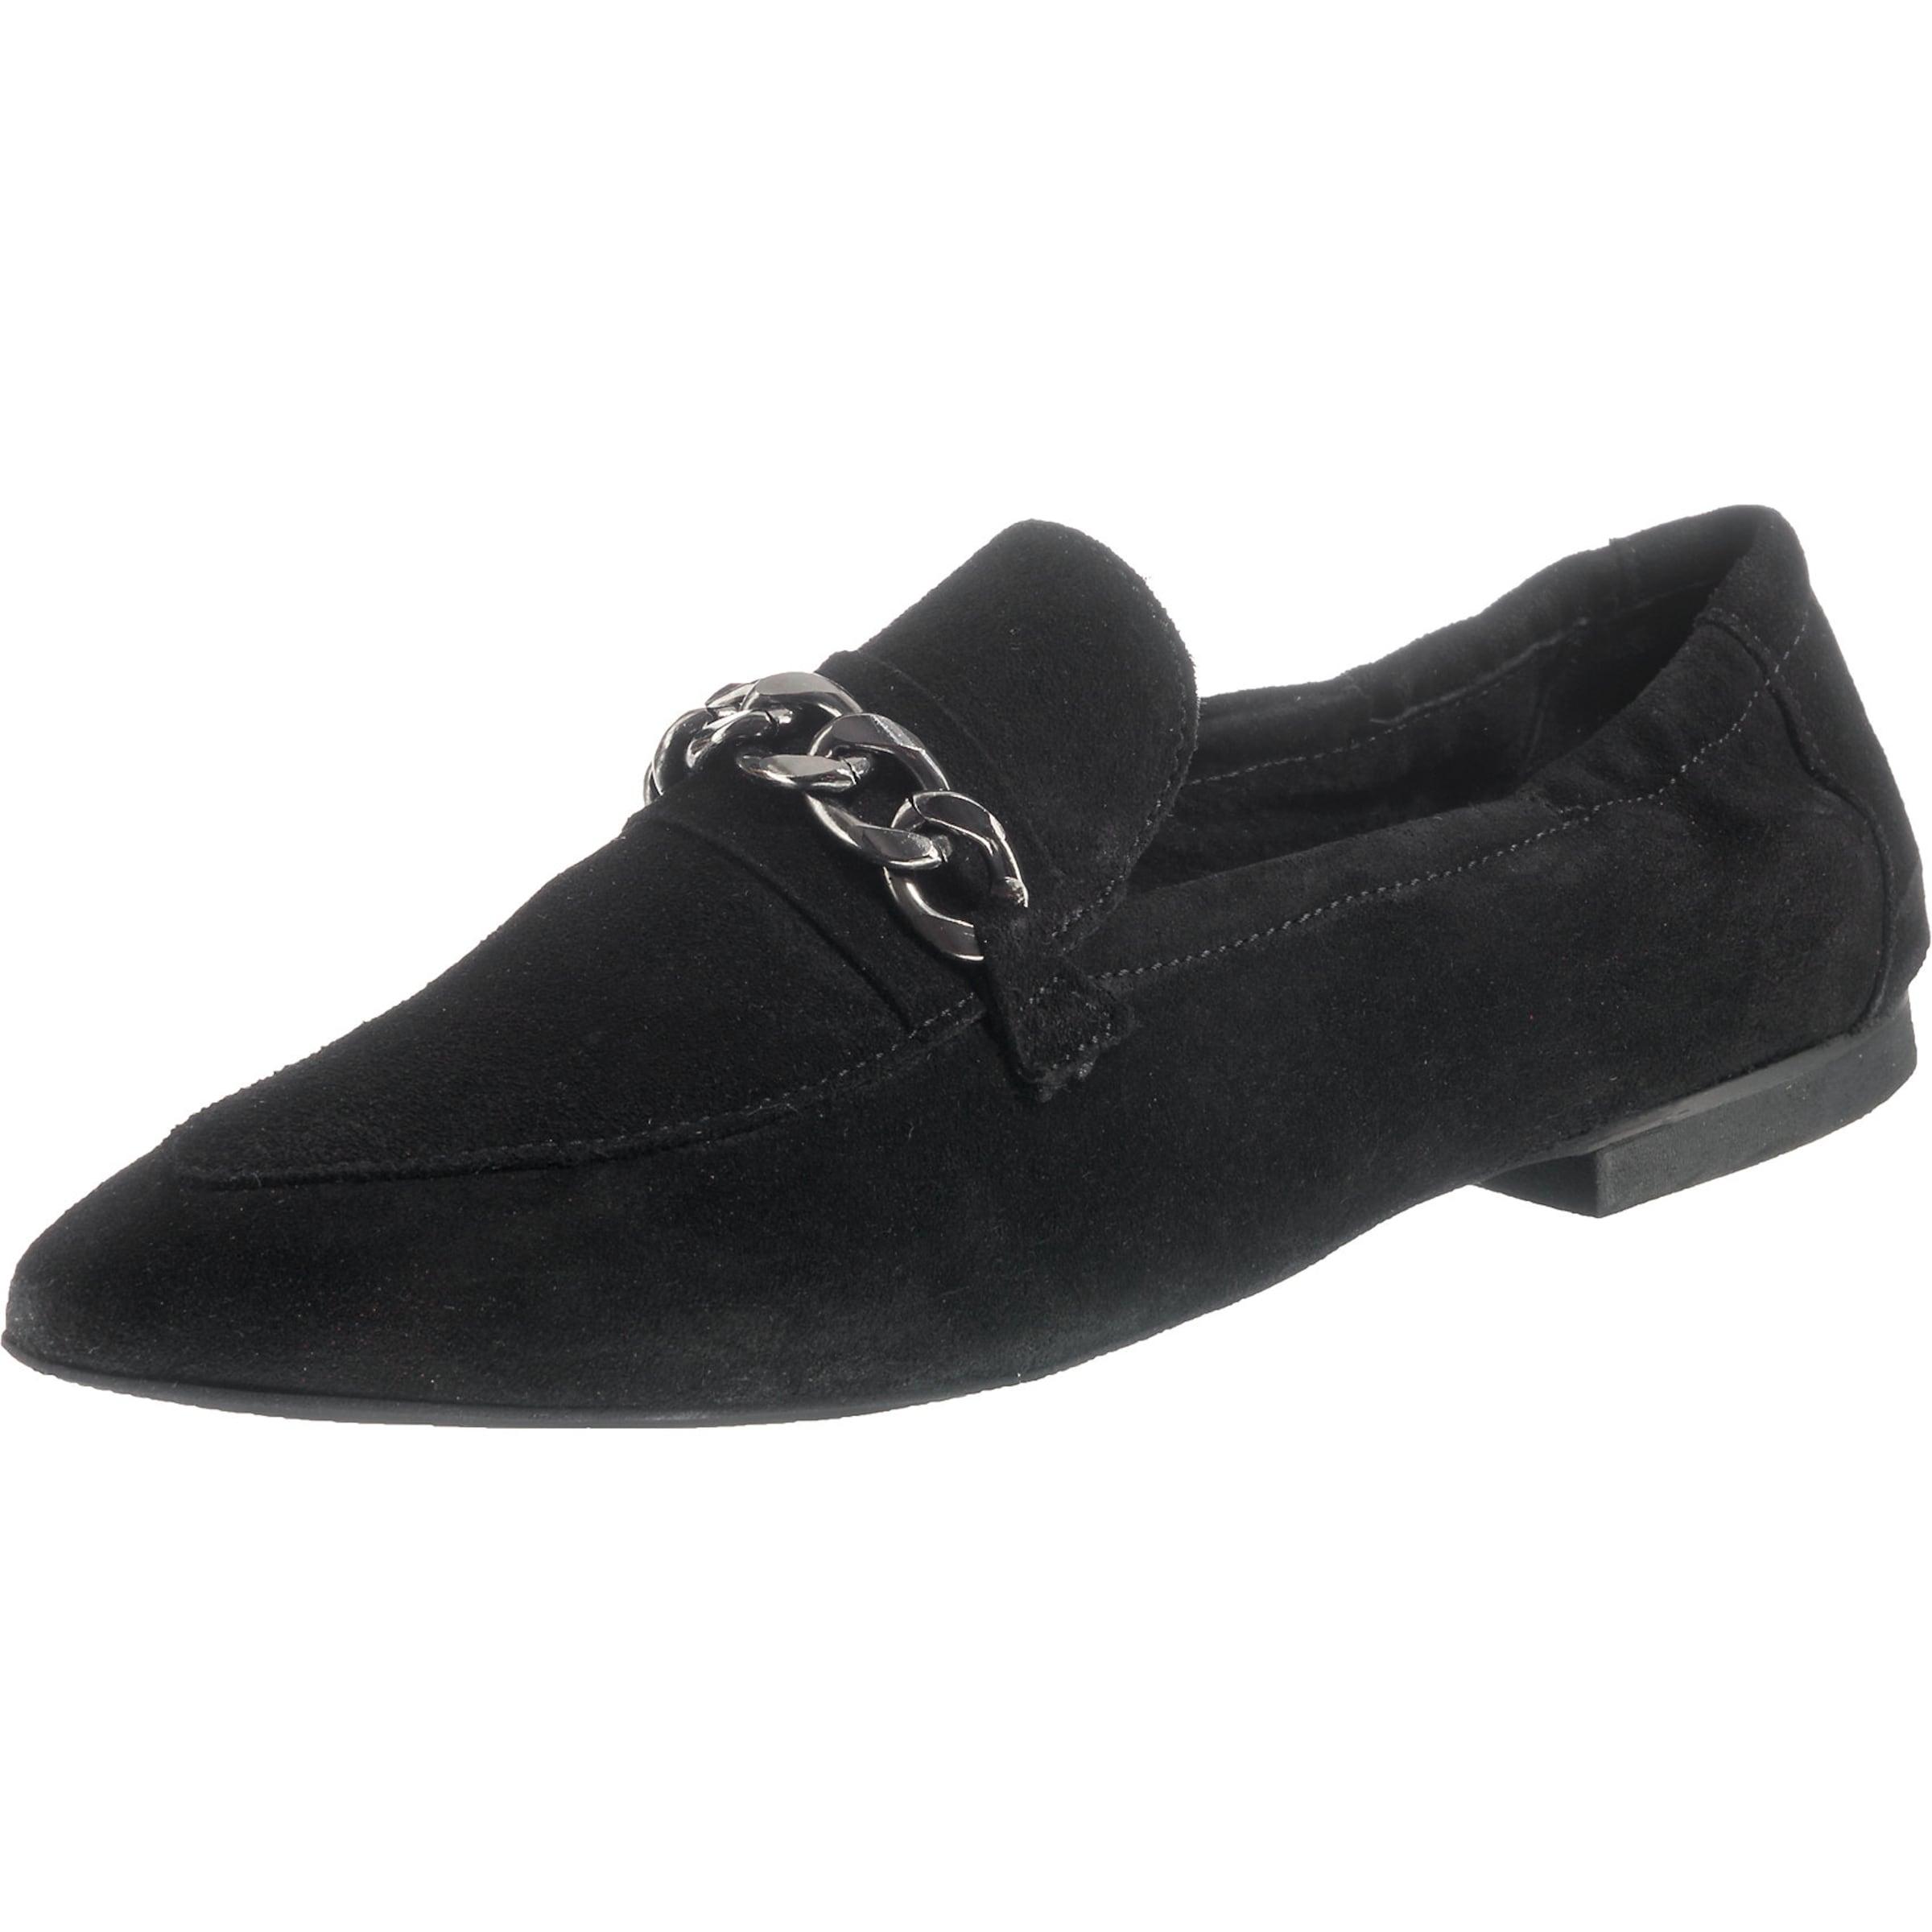 BULLBOXER Loafers Günstige und langlebige Schuhe